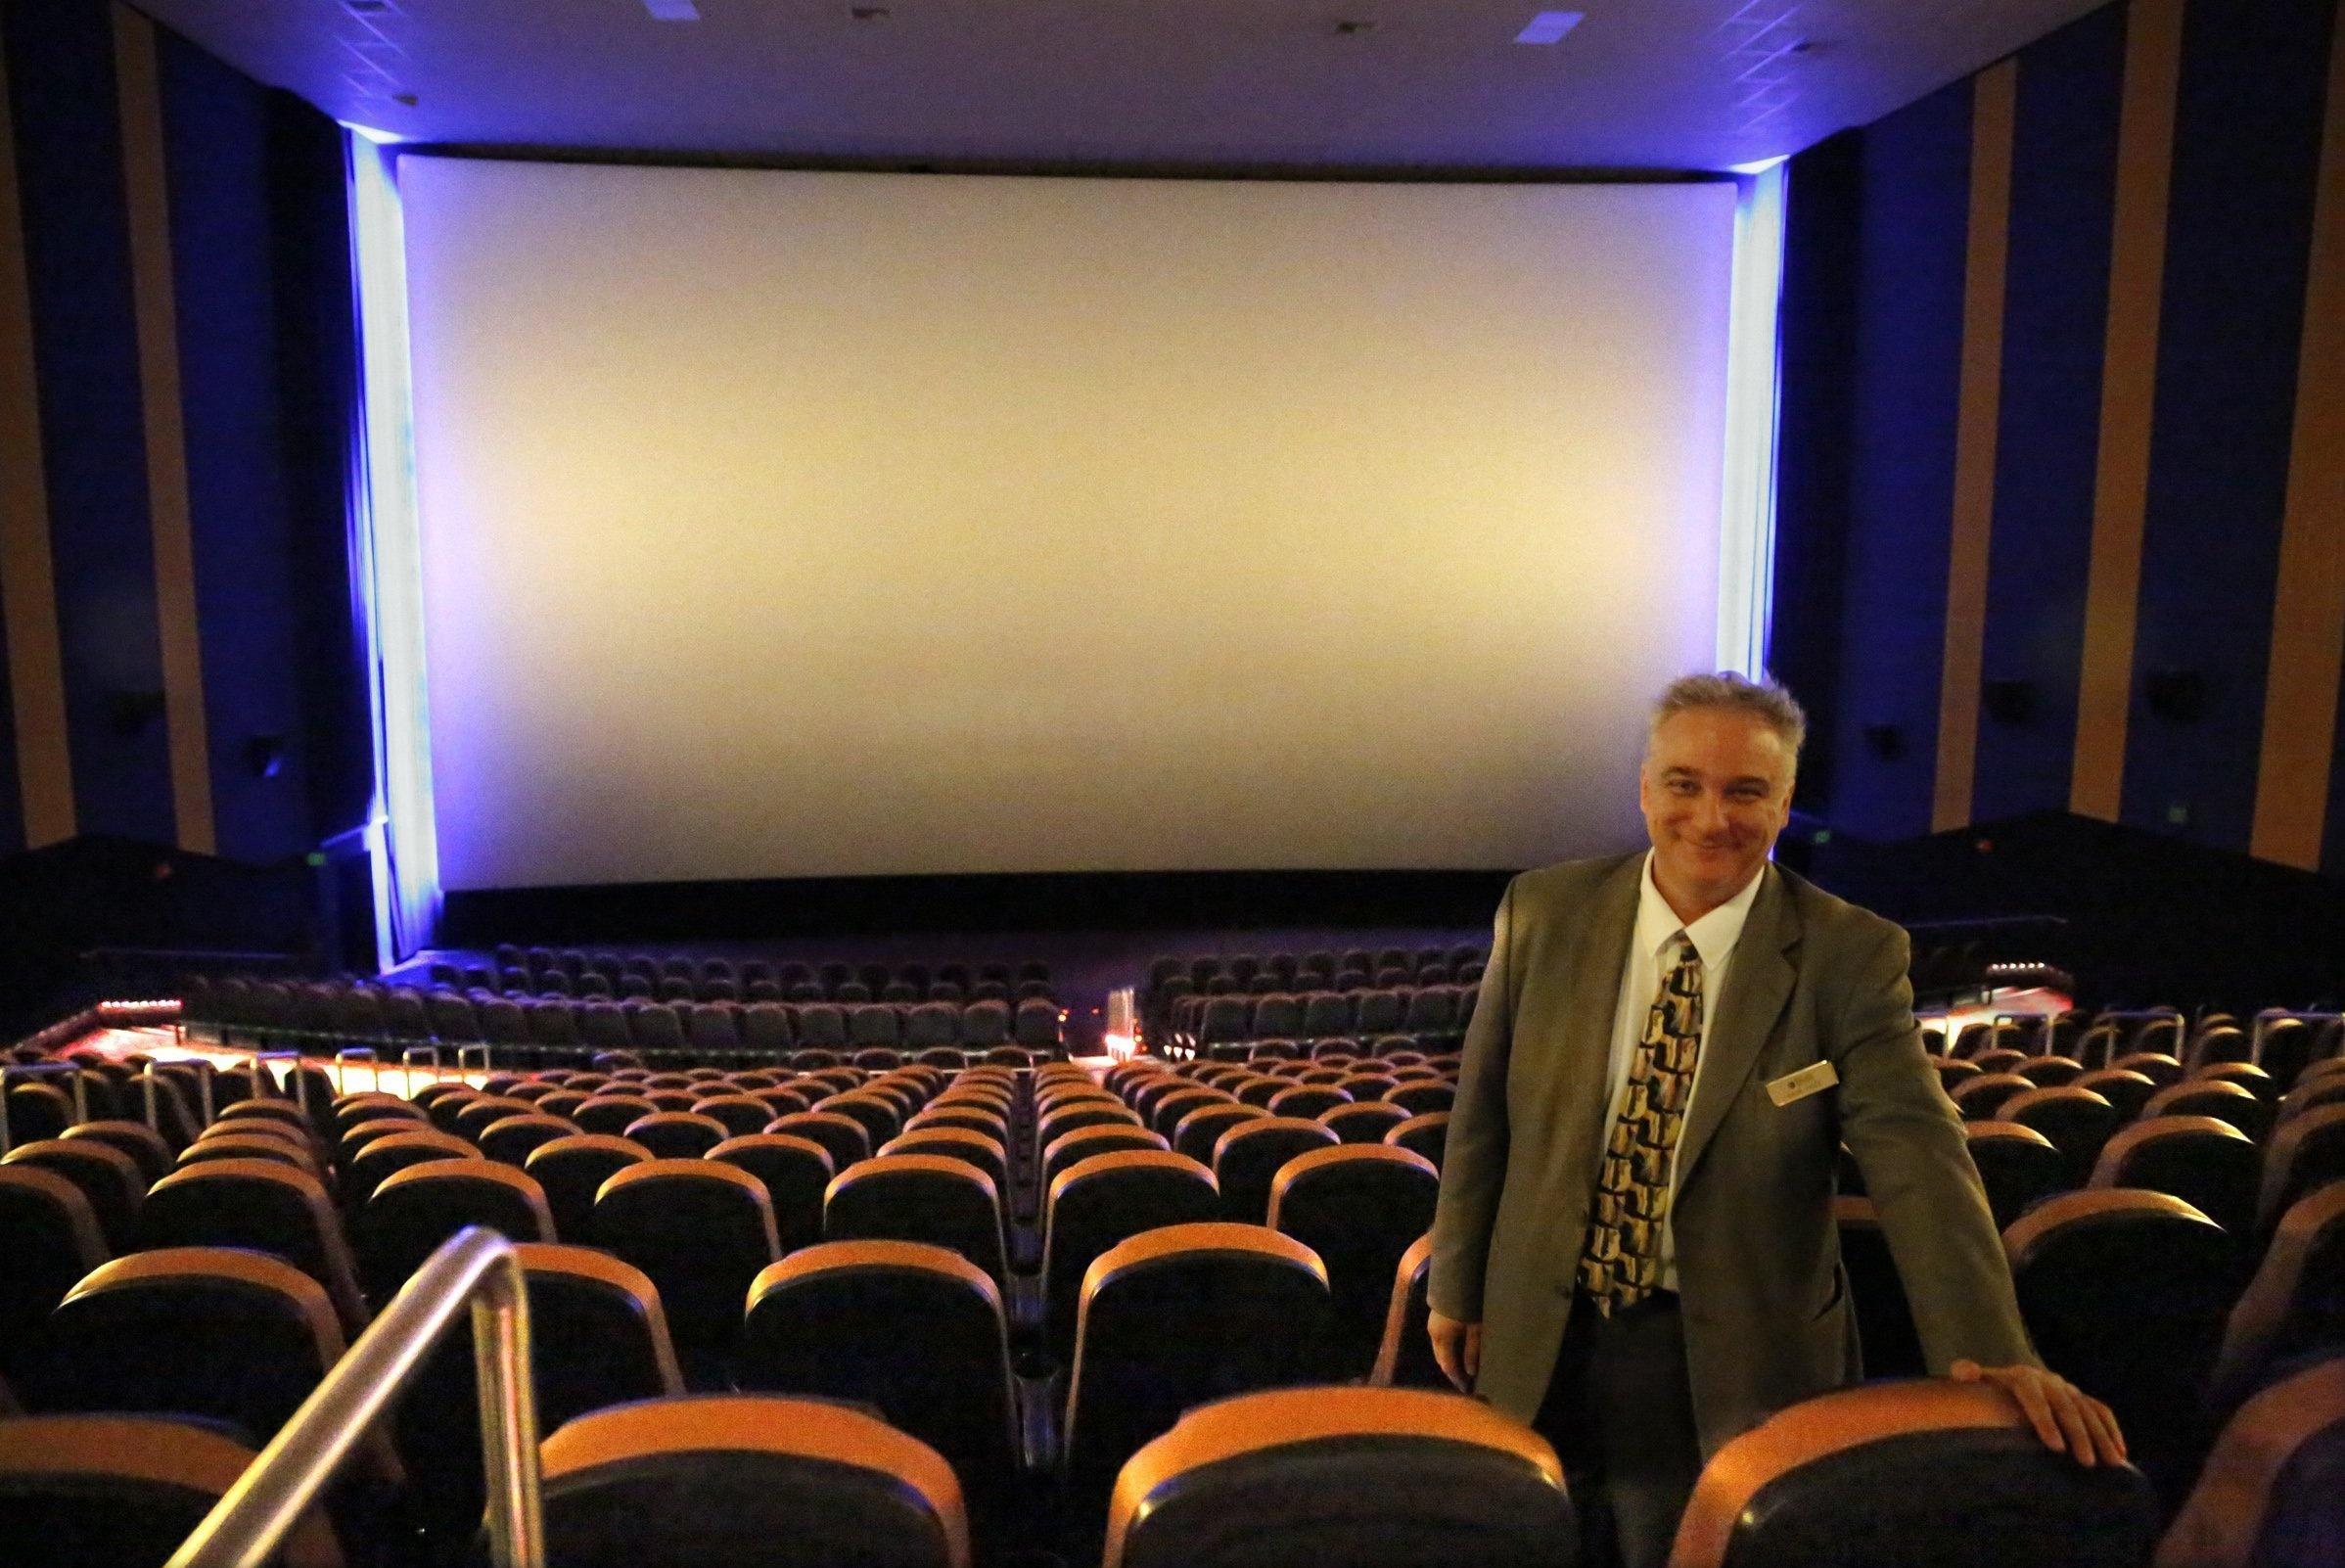 Edwards irvine spectrum imax cinema irvine